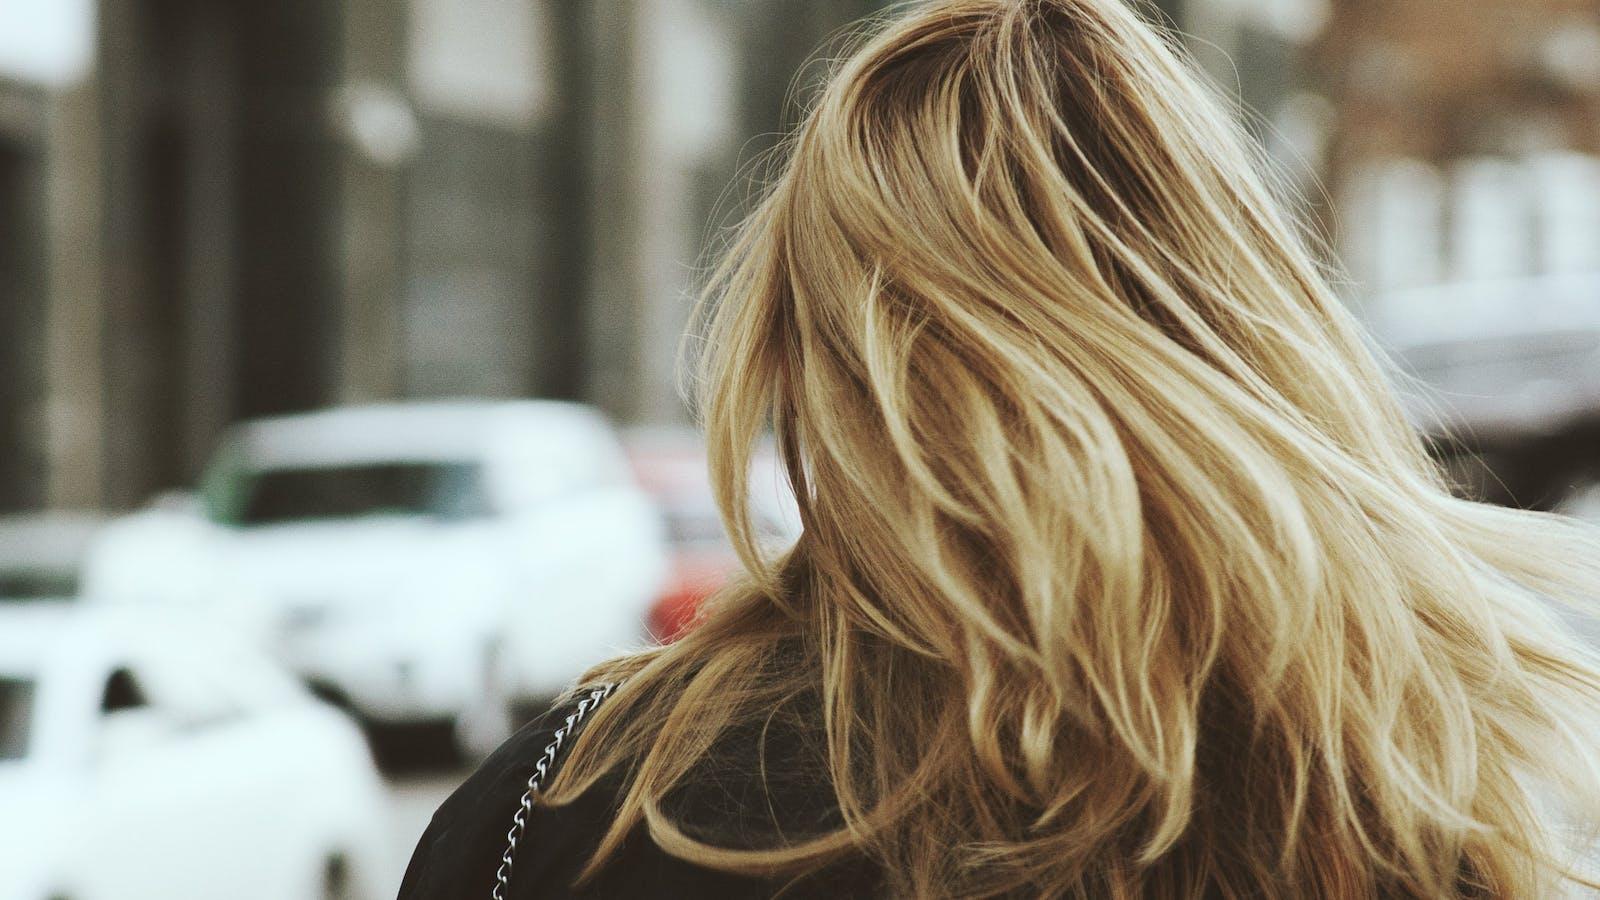 Cheveux blonds d'une femme de dos en couleurs